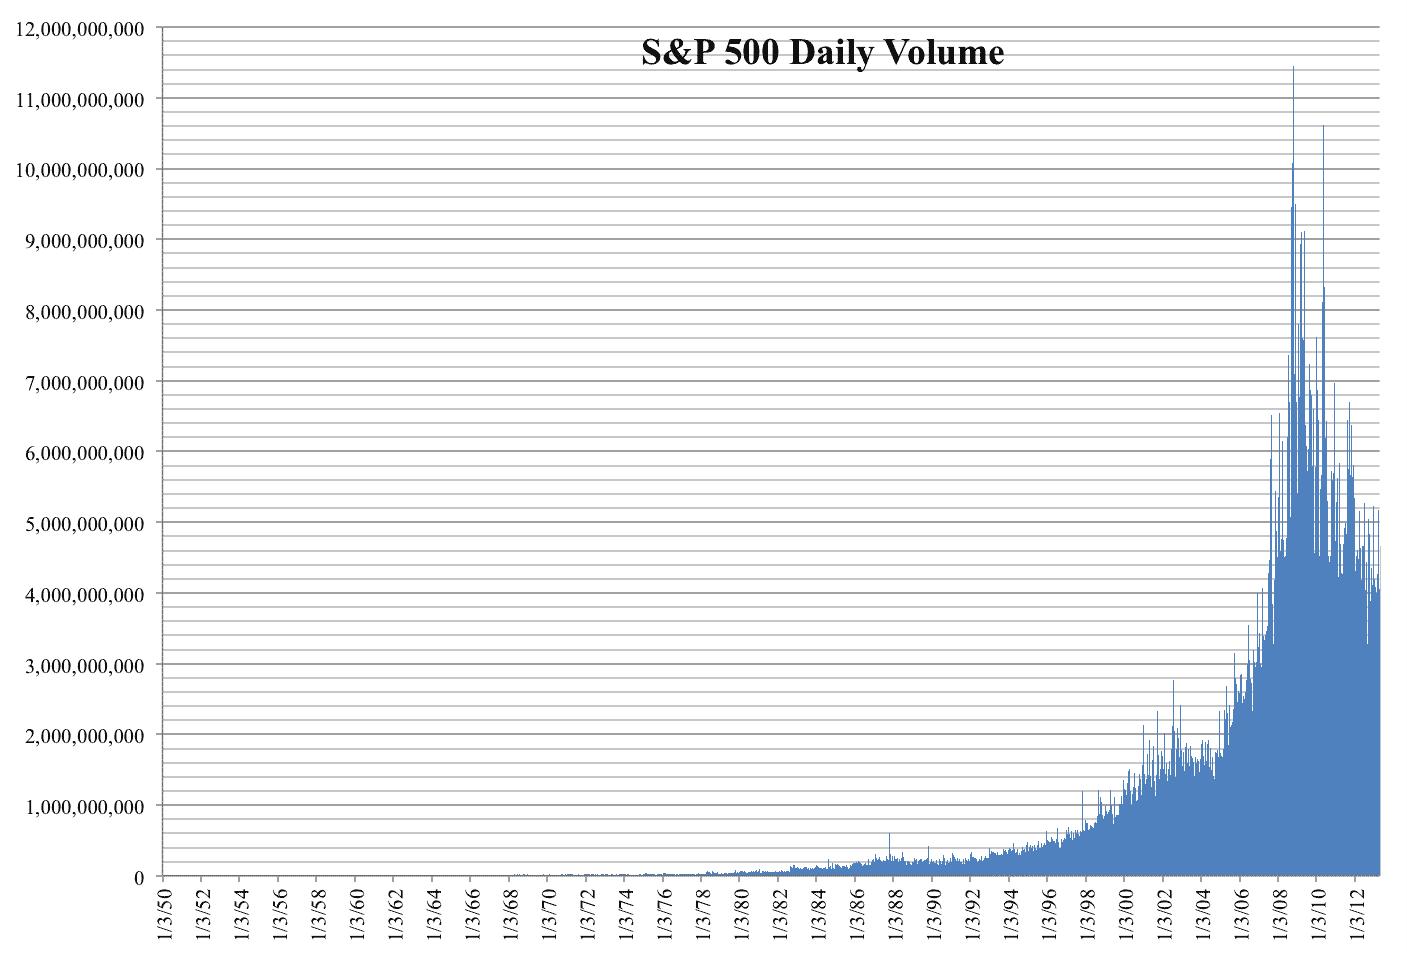 grafico que muestra el volumen diario del fondo indice S&P 500